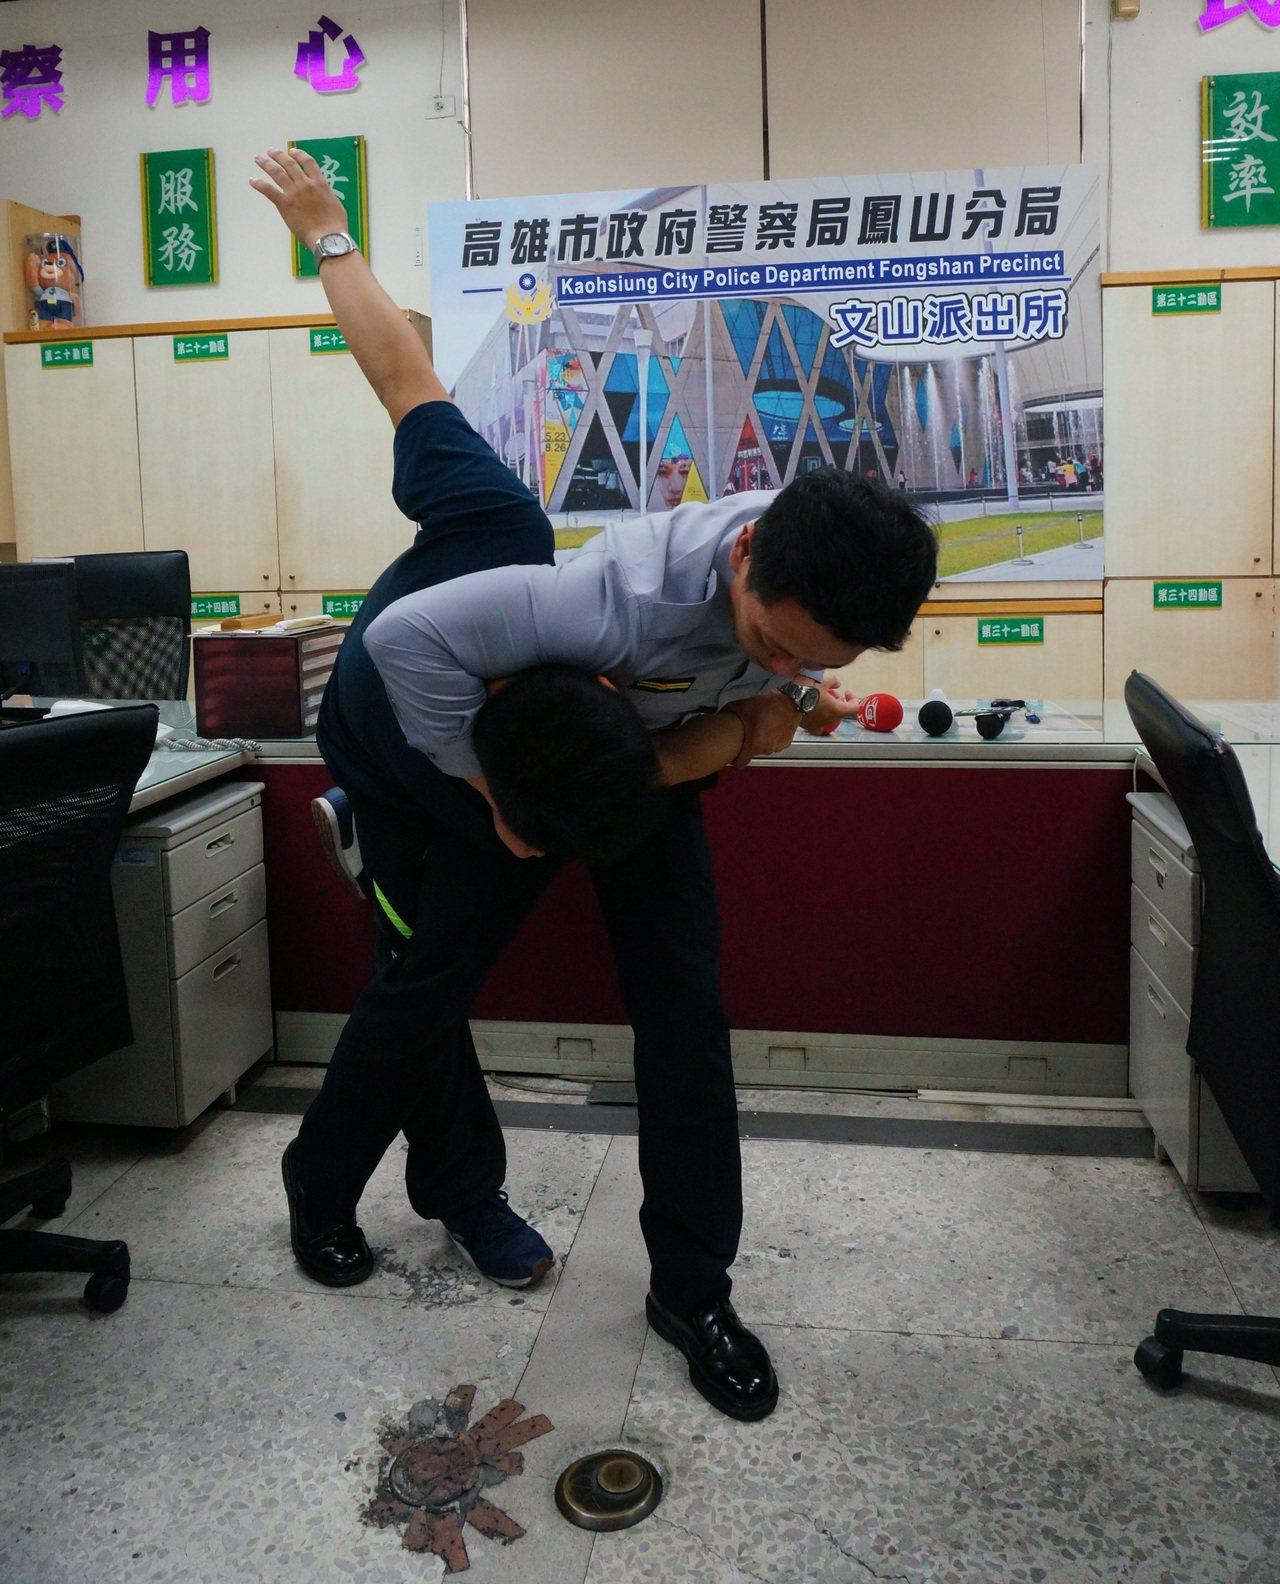 文山所副所長馬誌鍵(右)示範抱頭摔。記者林伯驊/攝影